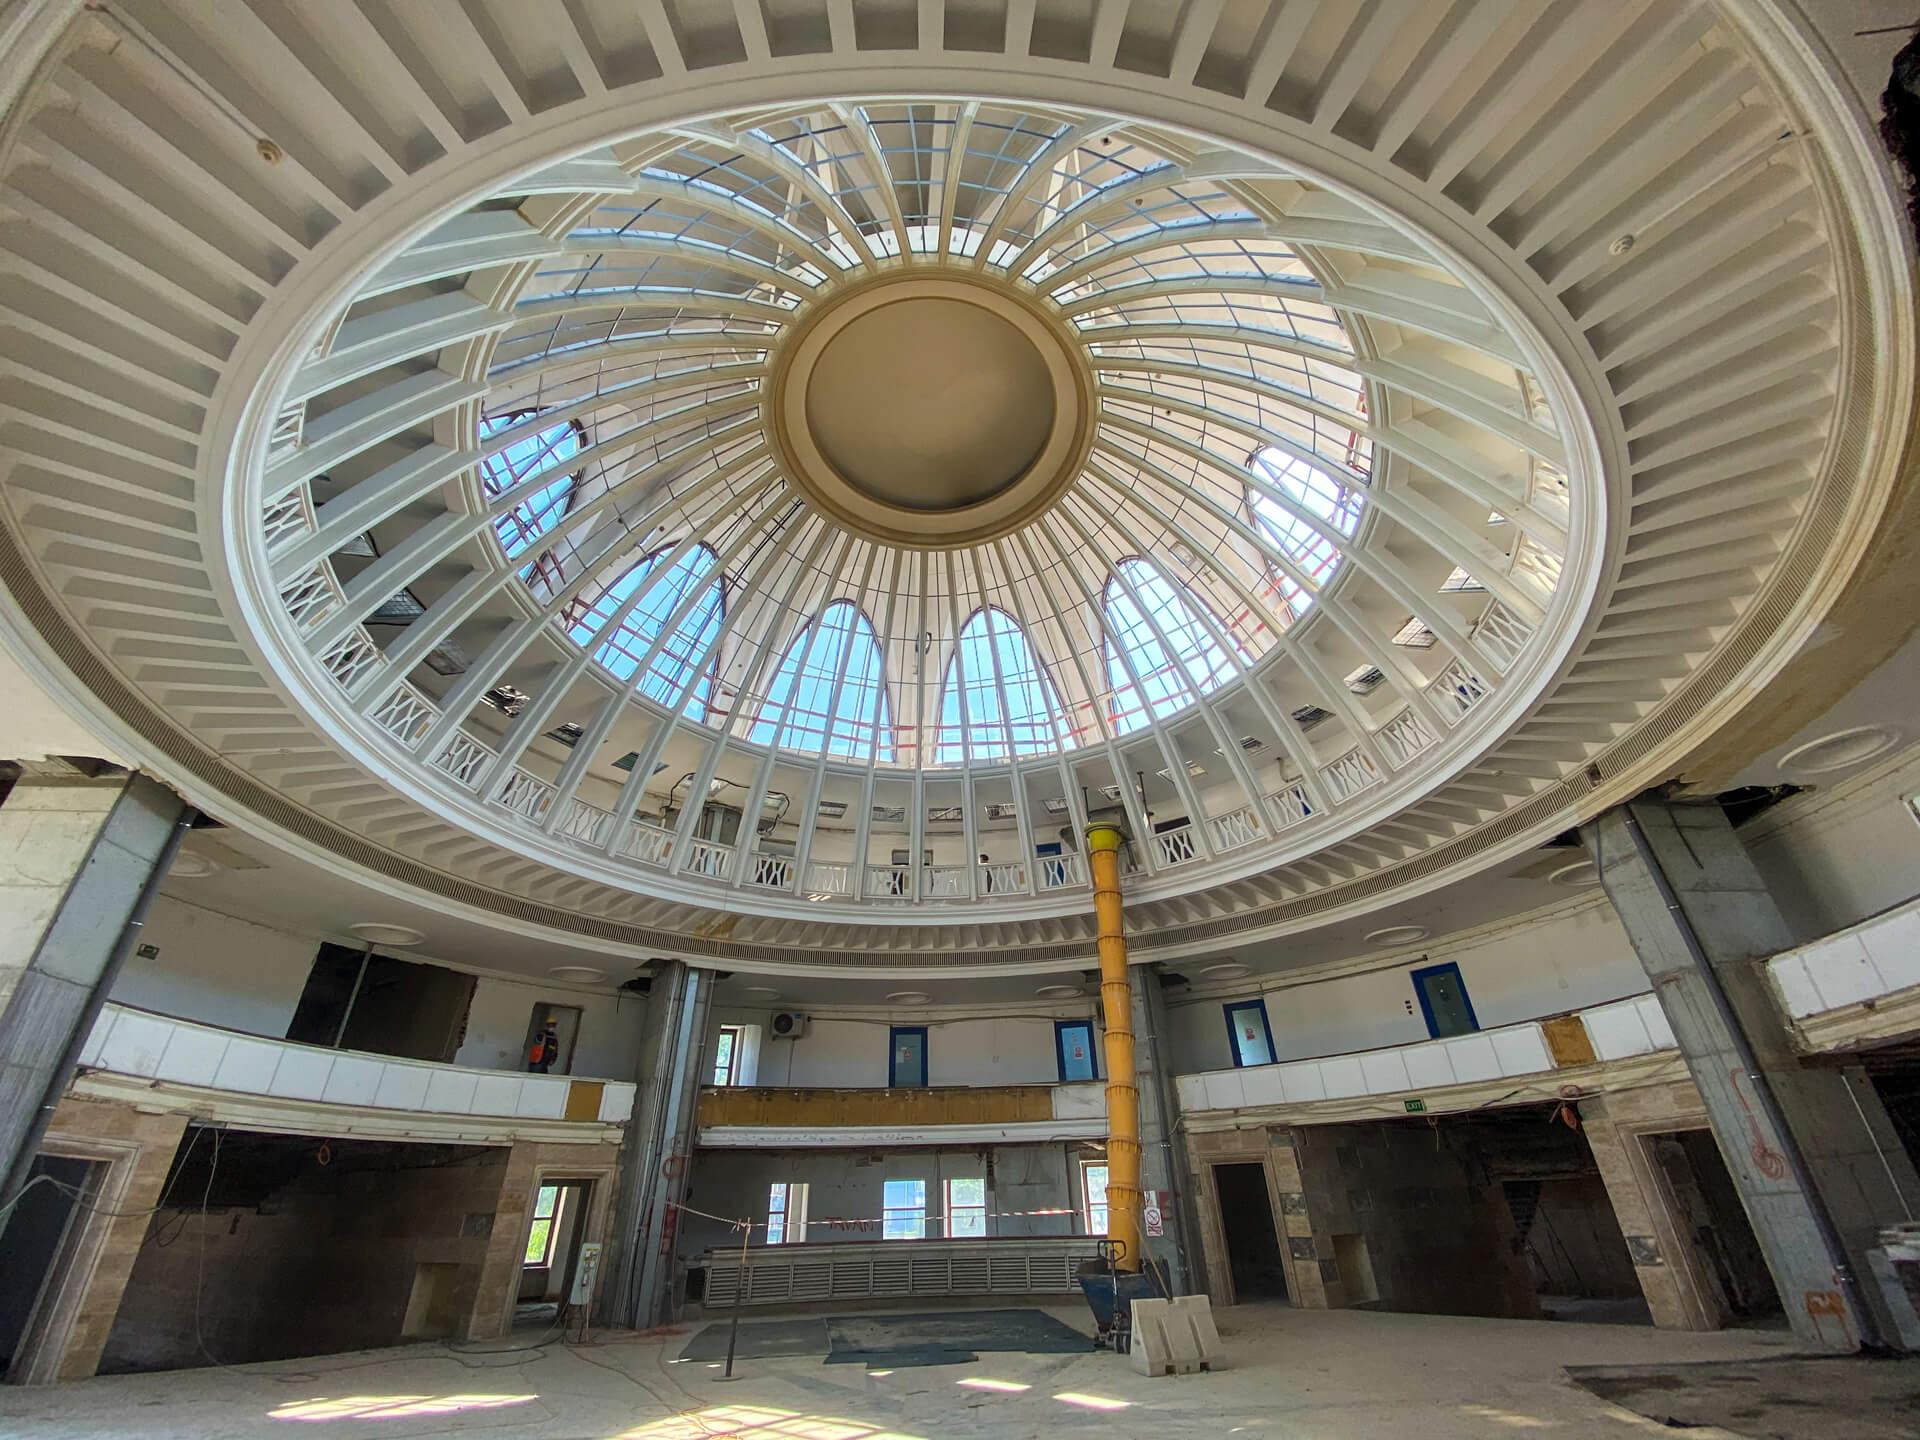 Lucrările de la Aeroportul Băneasa au fost prelungite cu două luni. Astfel, recepția se va face abia în toamnă. Câți călători va putea primi Aeroportul Băneasa